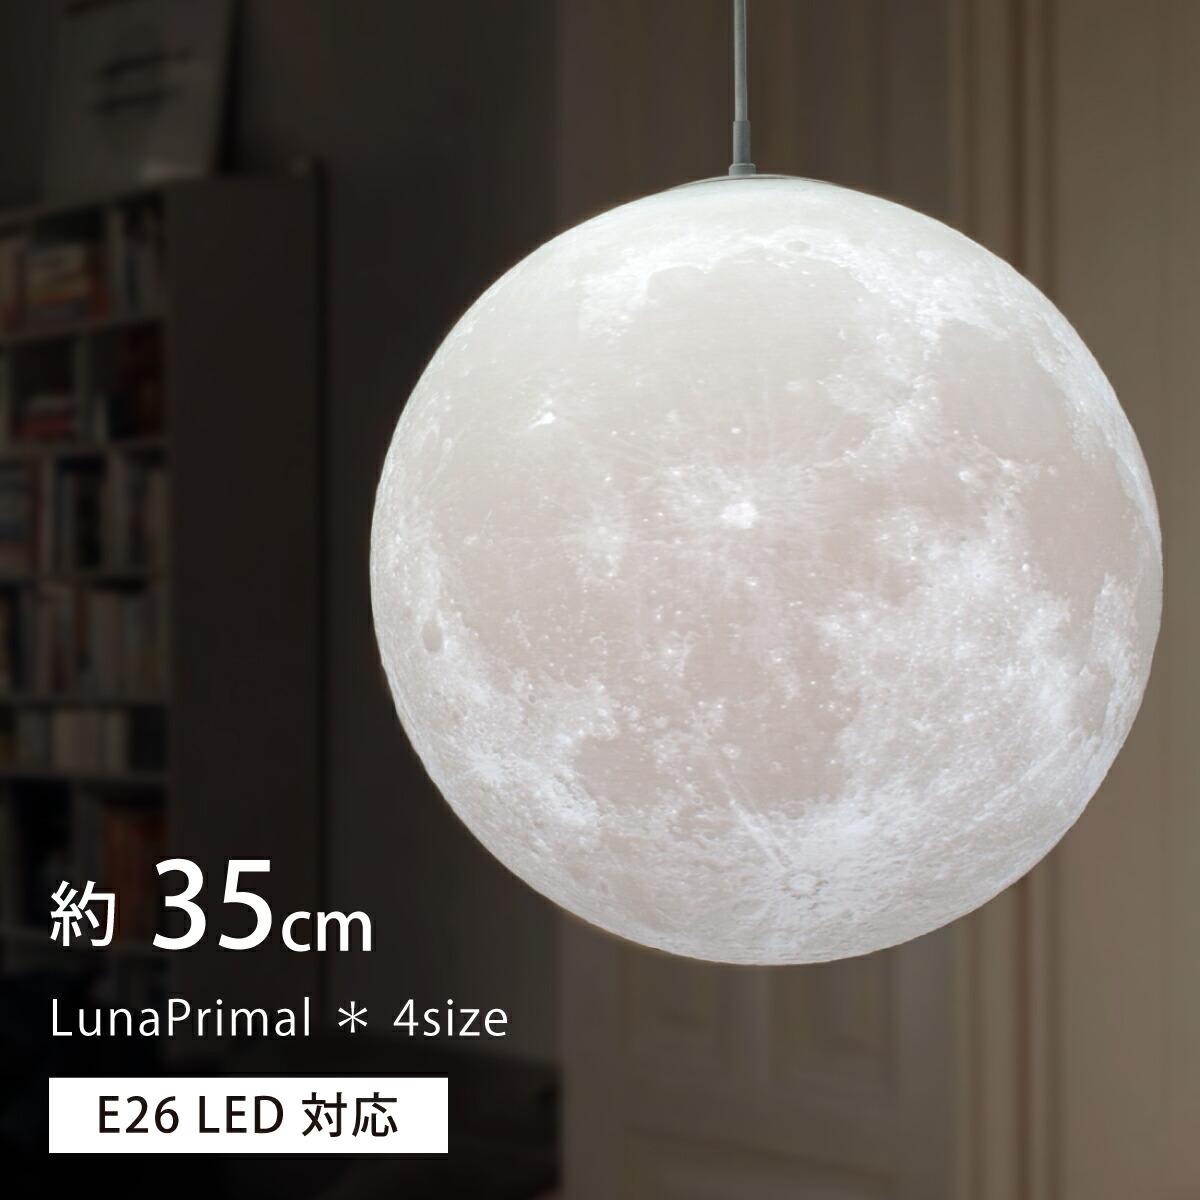 月ペンダントライト35㎝